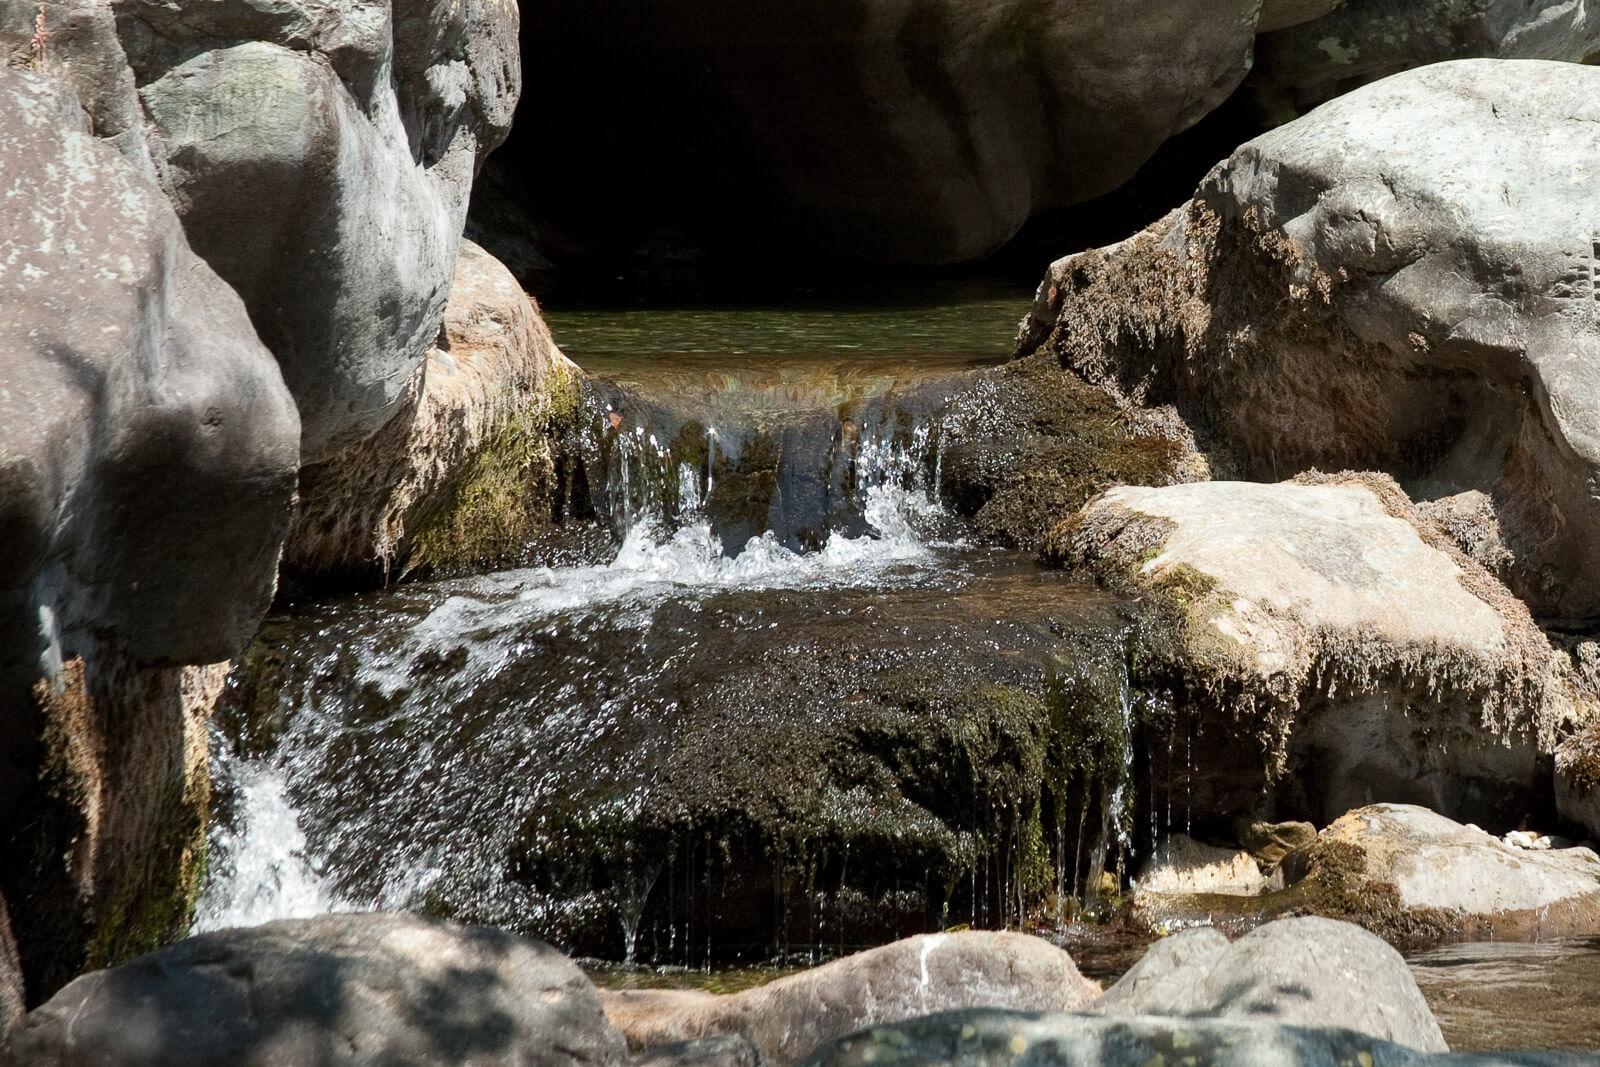 Sauberes, frisches Wasser am Oberlauf der Cesse im Languedoc